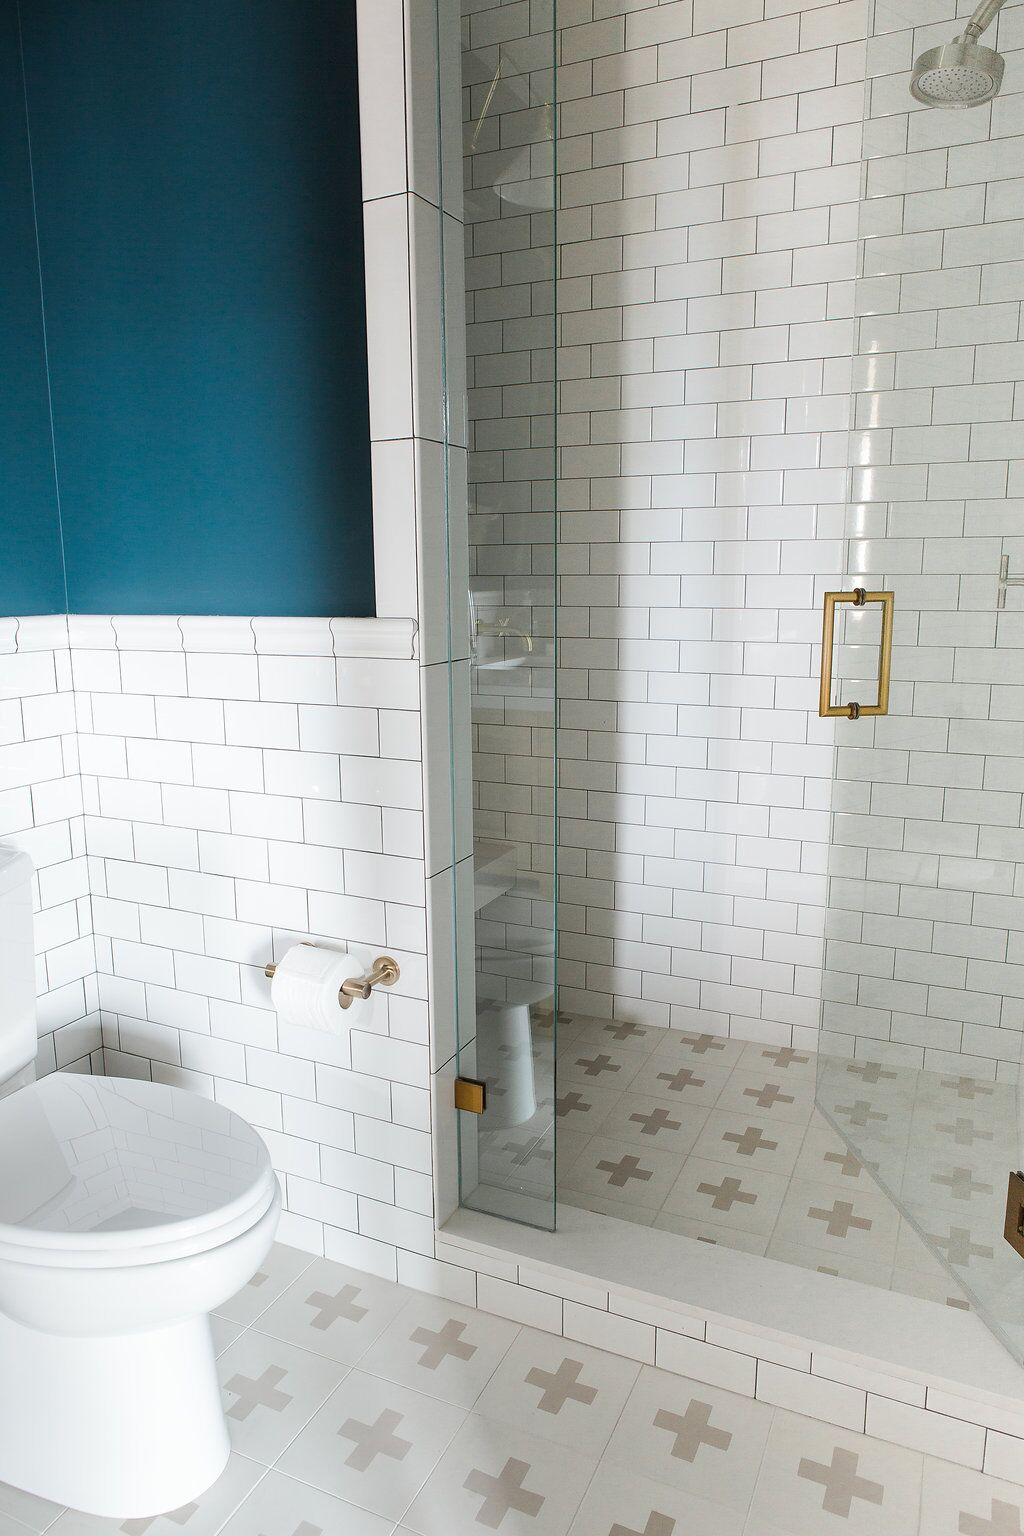 Sliding glass door of shower in kids bathroom